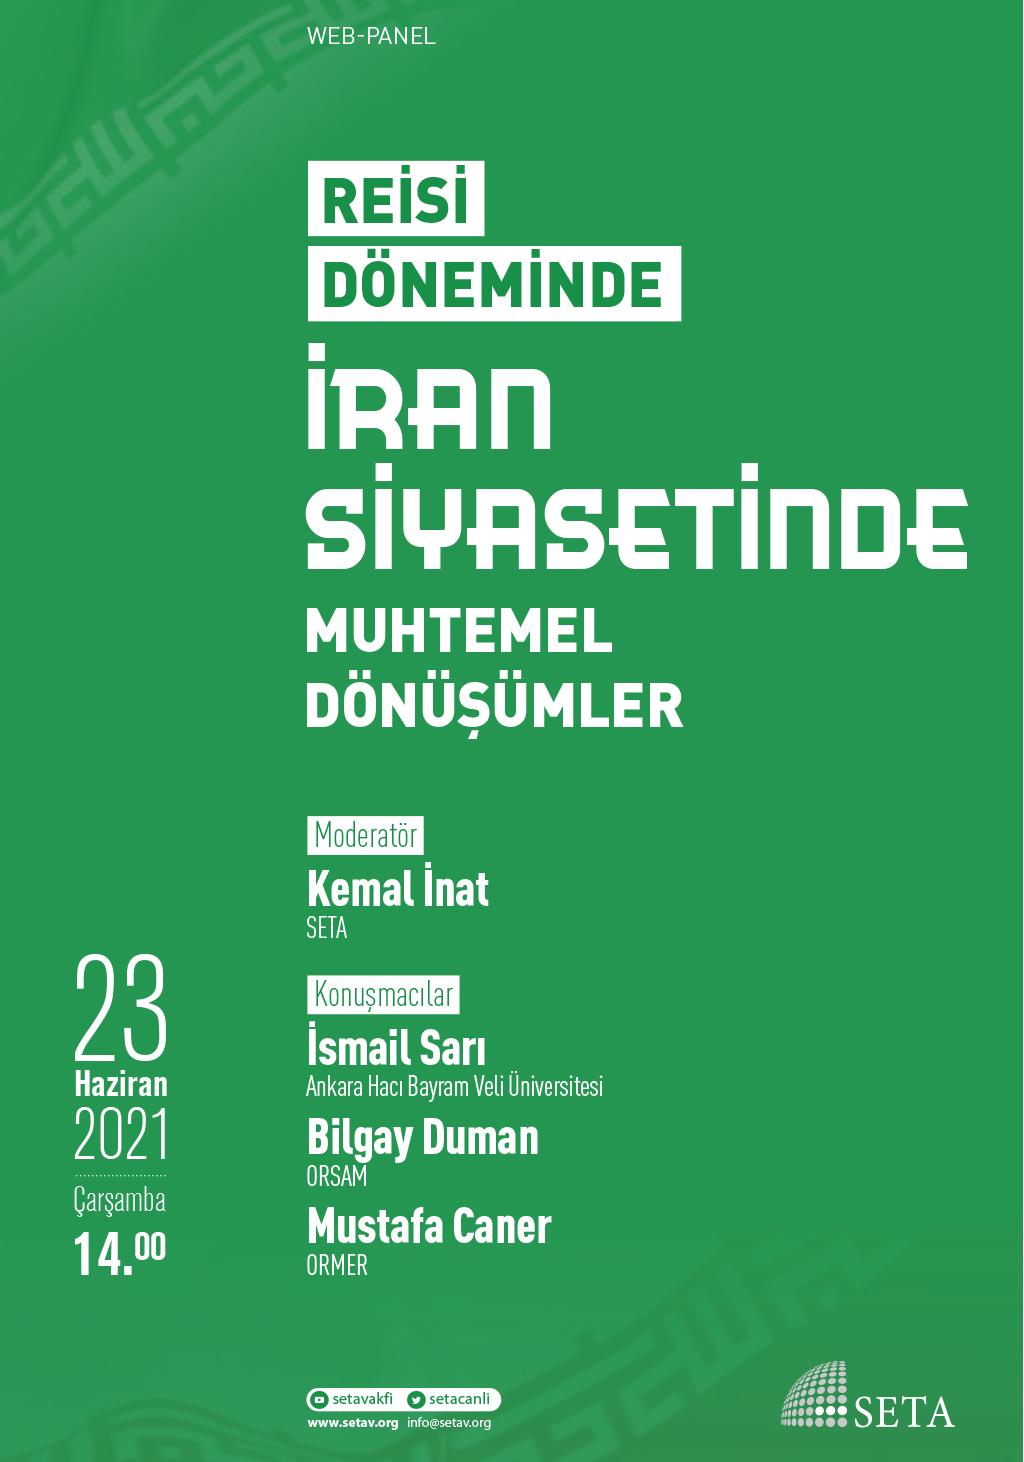 Web Panel: Reisi Döneminde İran Siyasetinde Muhtemel Dönüşümler